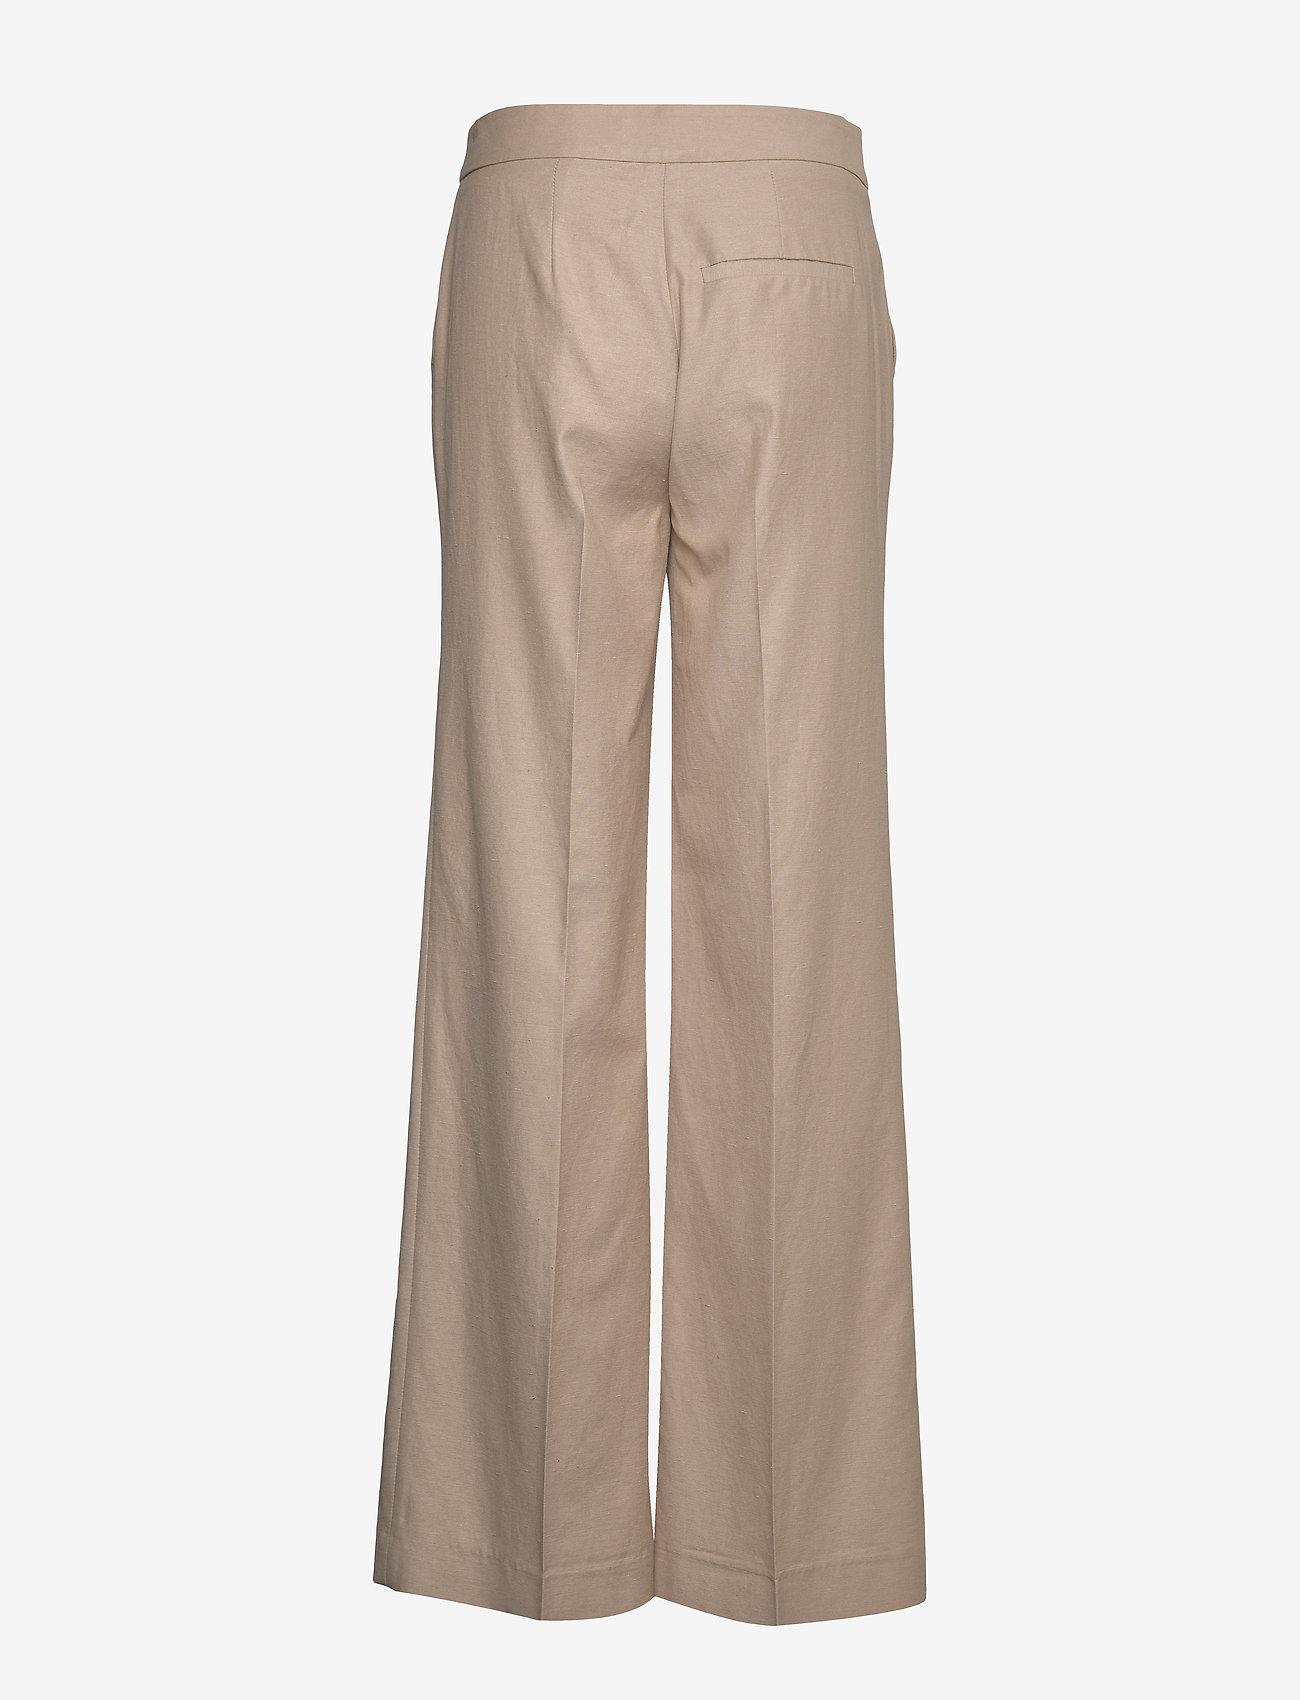 Blanche - May Pants - bukser med brede ben - light wood - 1